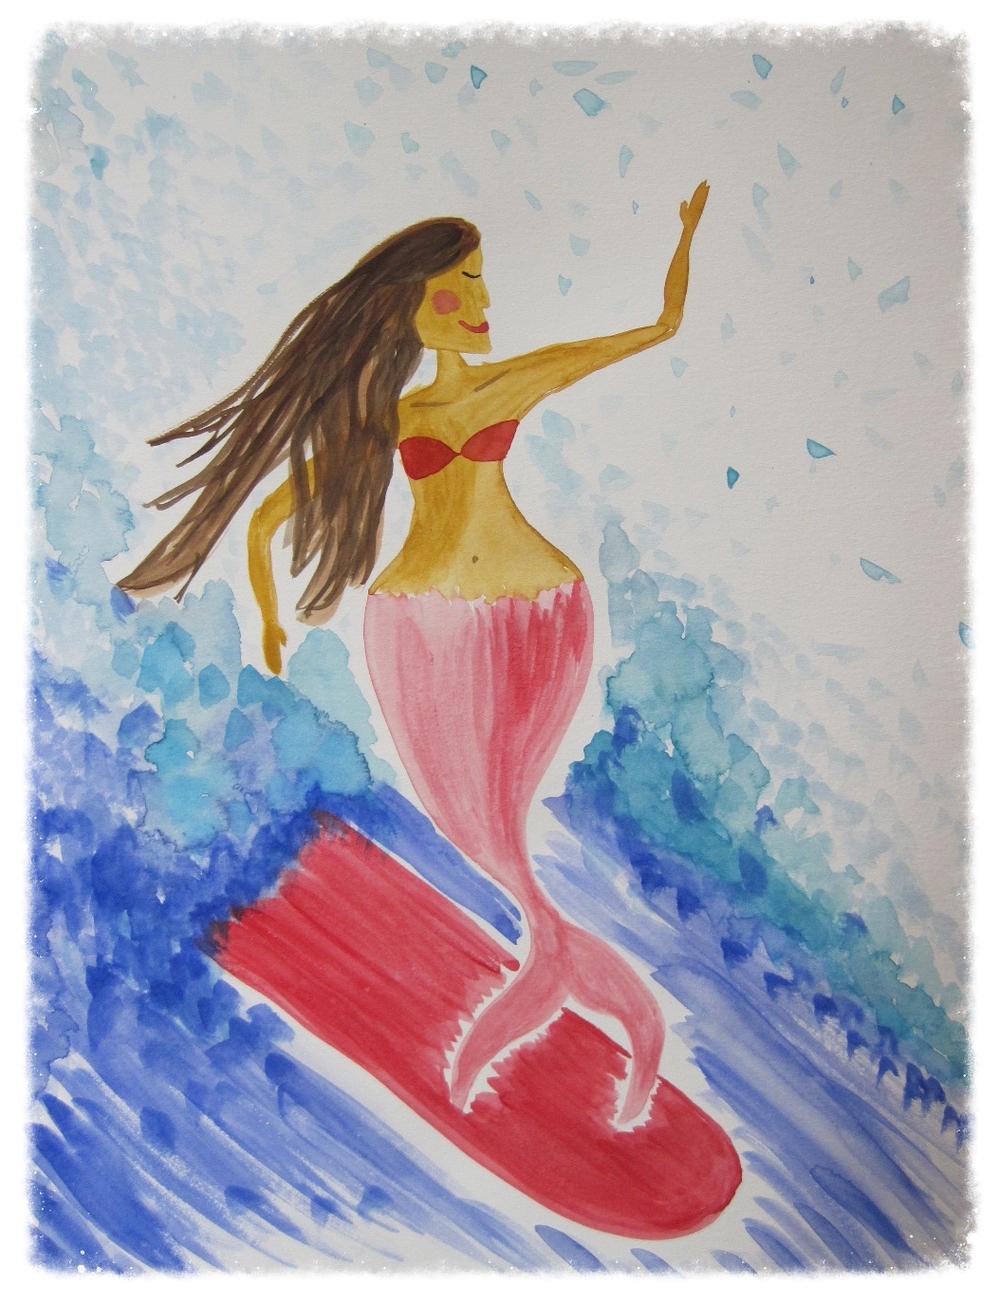 Surfing mermaid